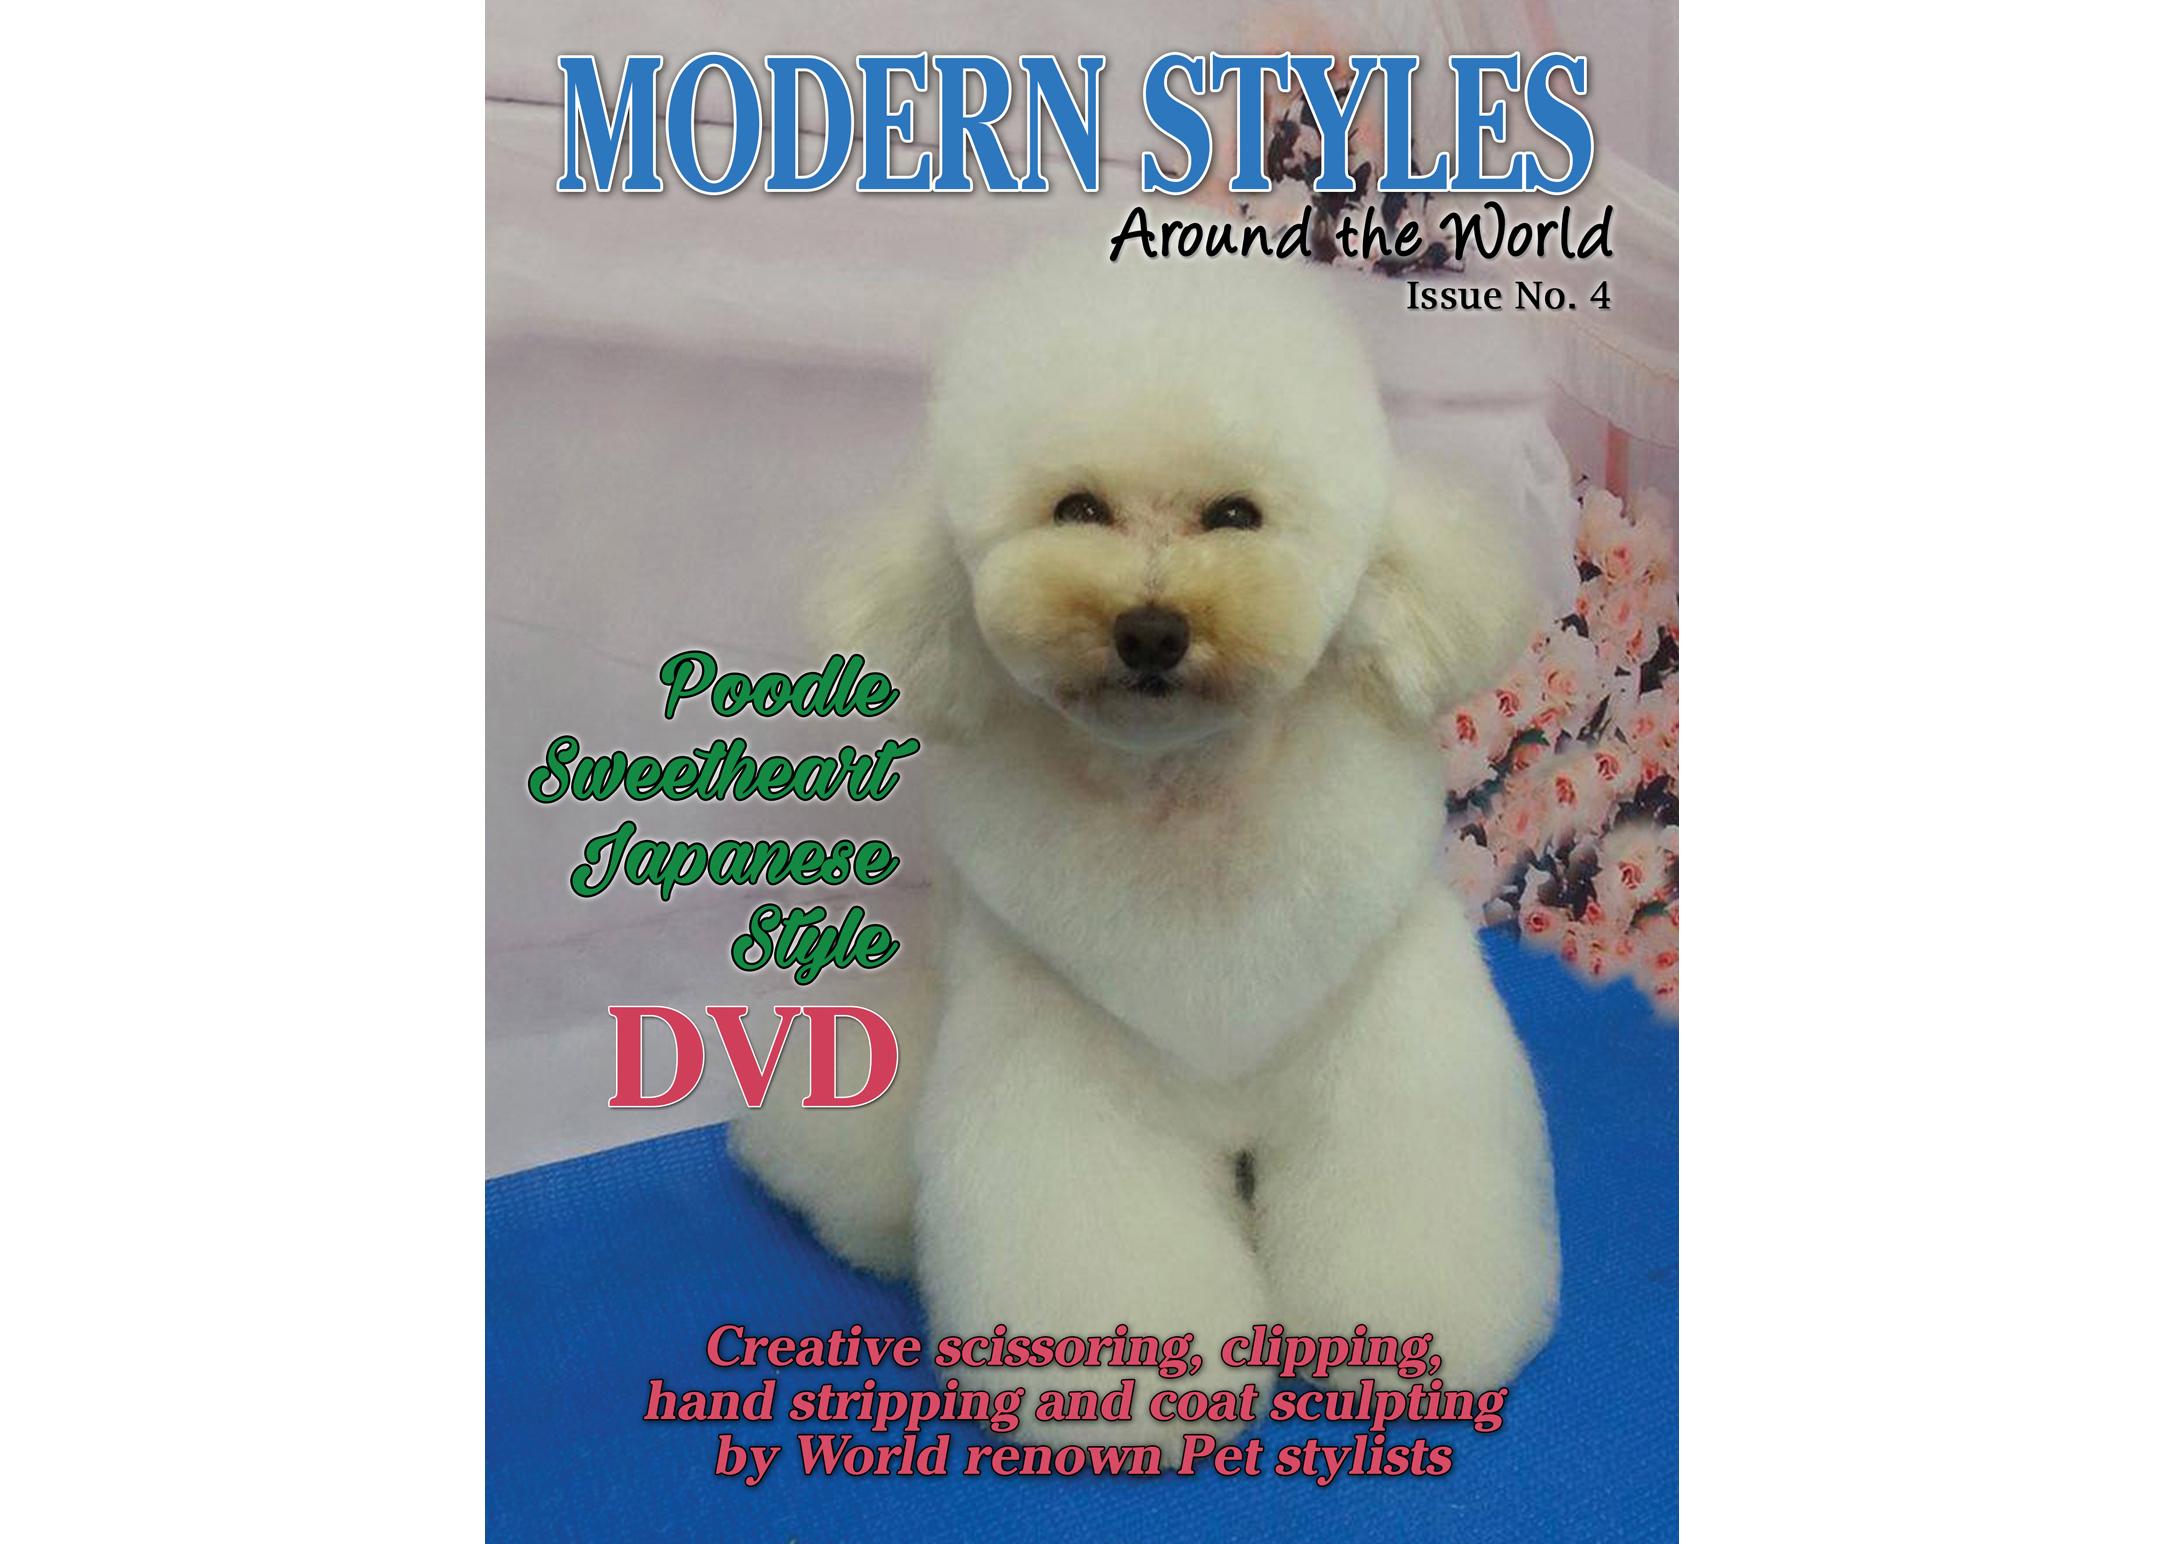 Magazine Creative scissoring, handstripping, clippering + DVD Magazine